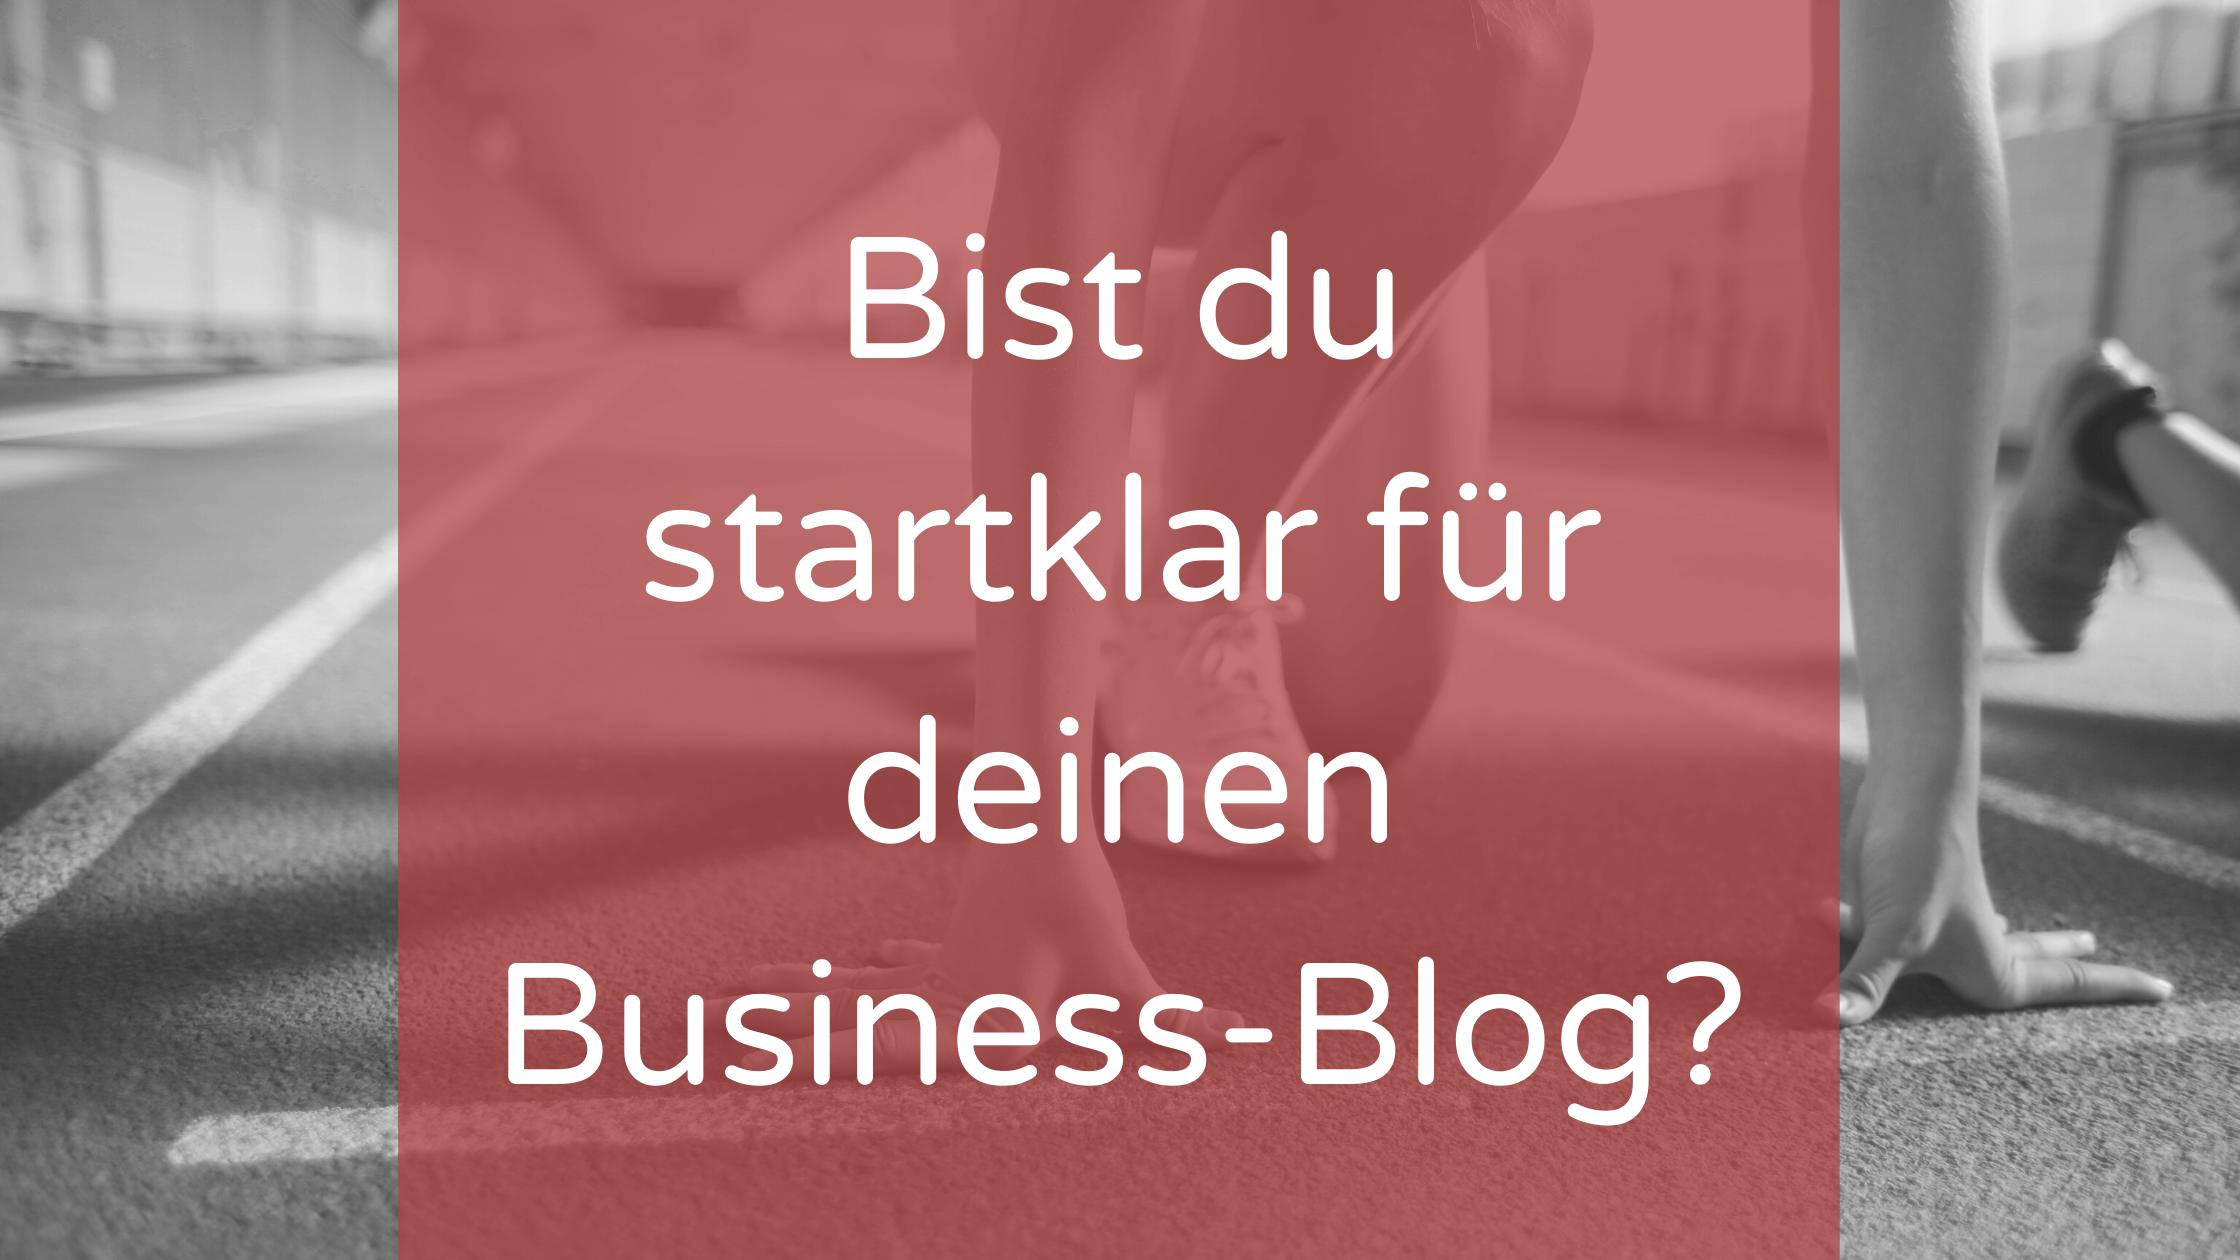 Bist du startklar für deinen Business-Blog?